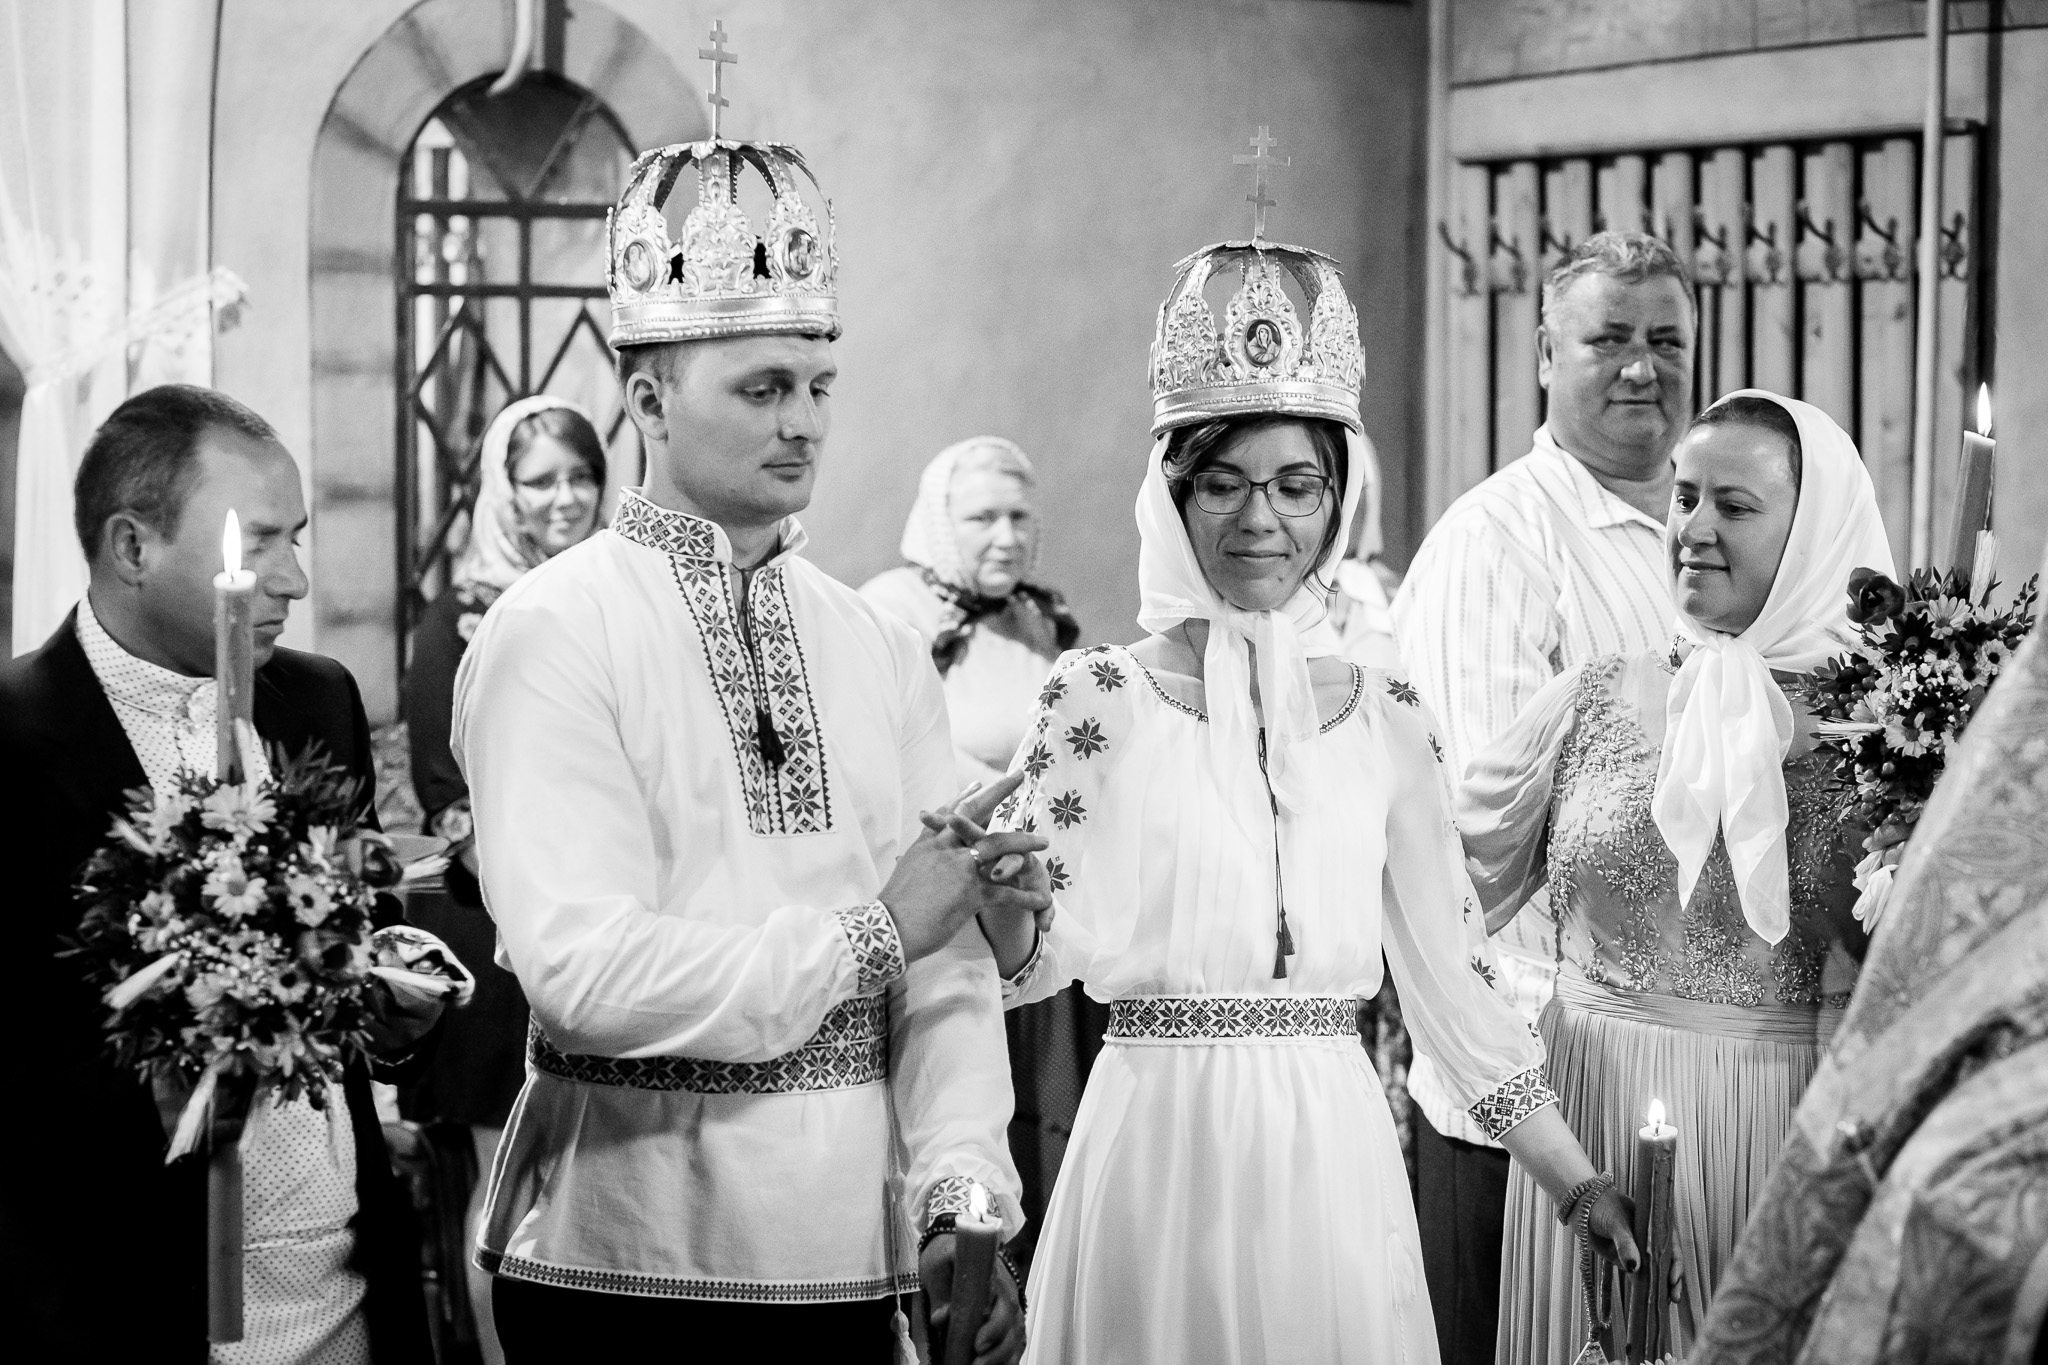 Nuntă tradițională Elisabeta și Alexandru fotograf profesionist nunta Iasi www.paulpadurariu.ro © 2018 Paul Padurariu fotograf de nunta Iasi cununia religioasa 5